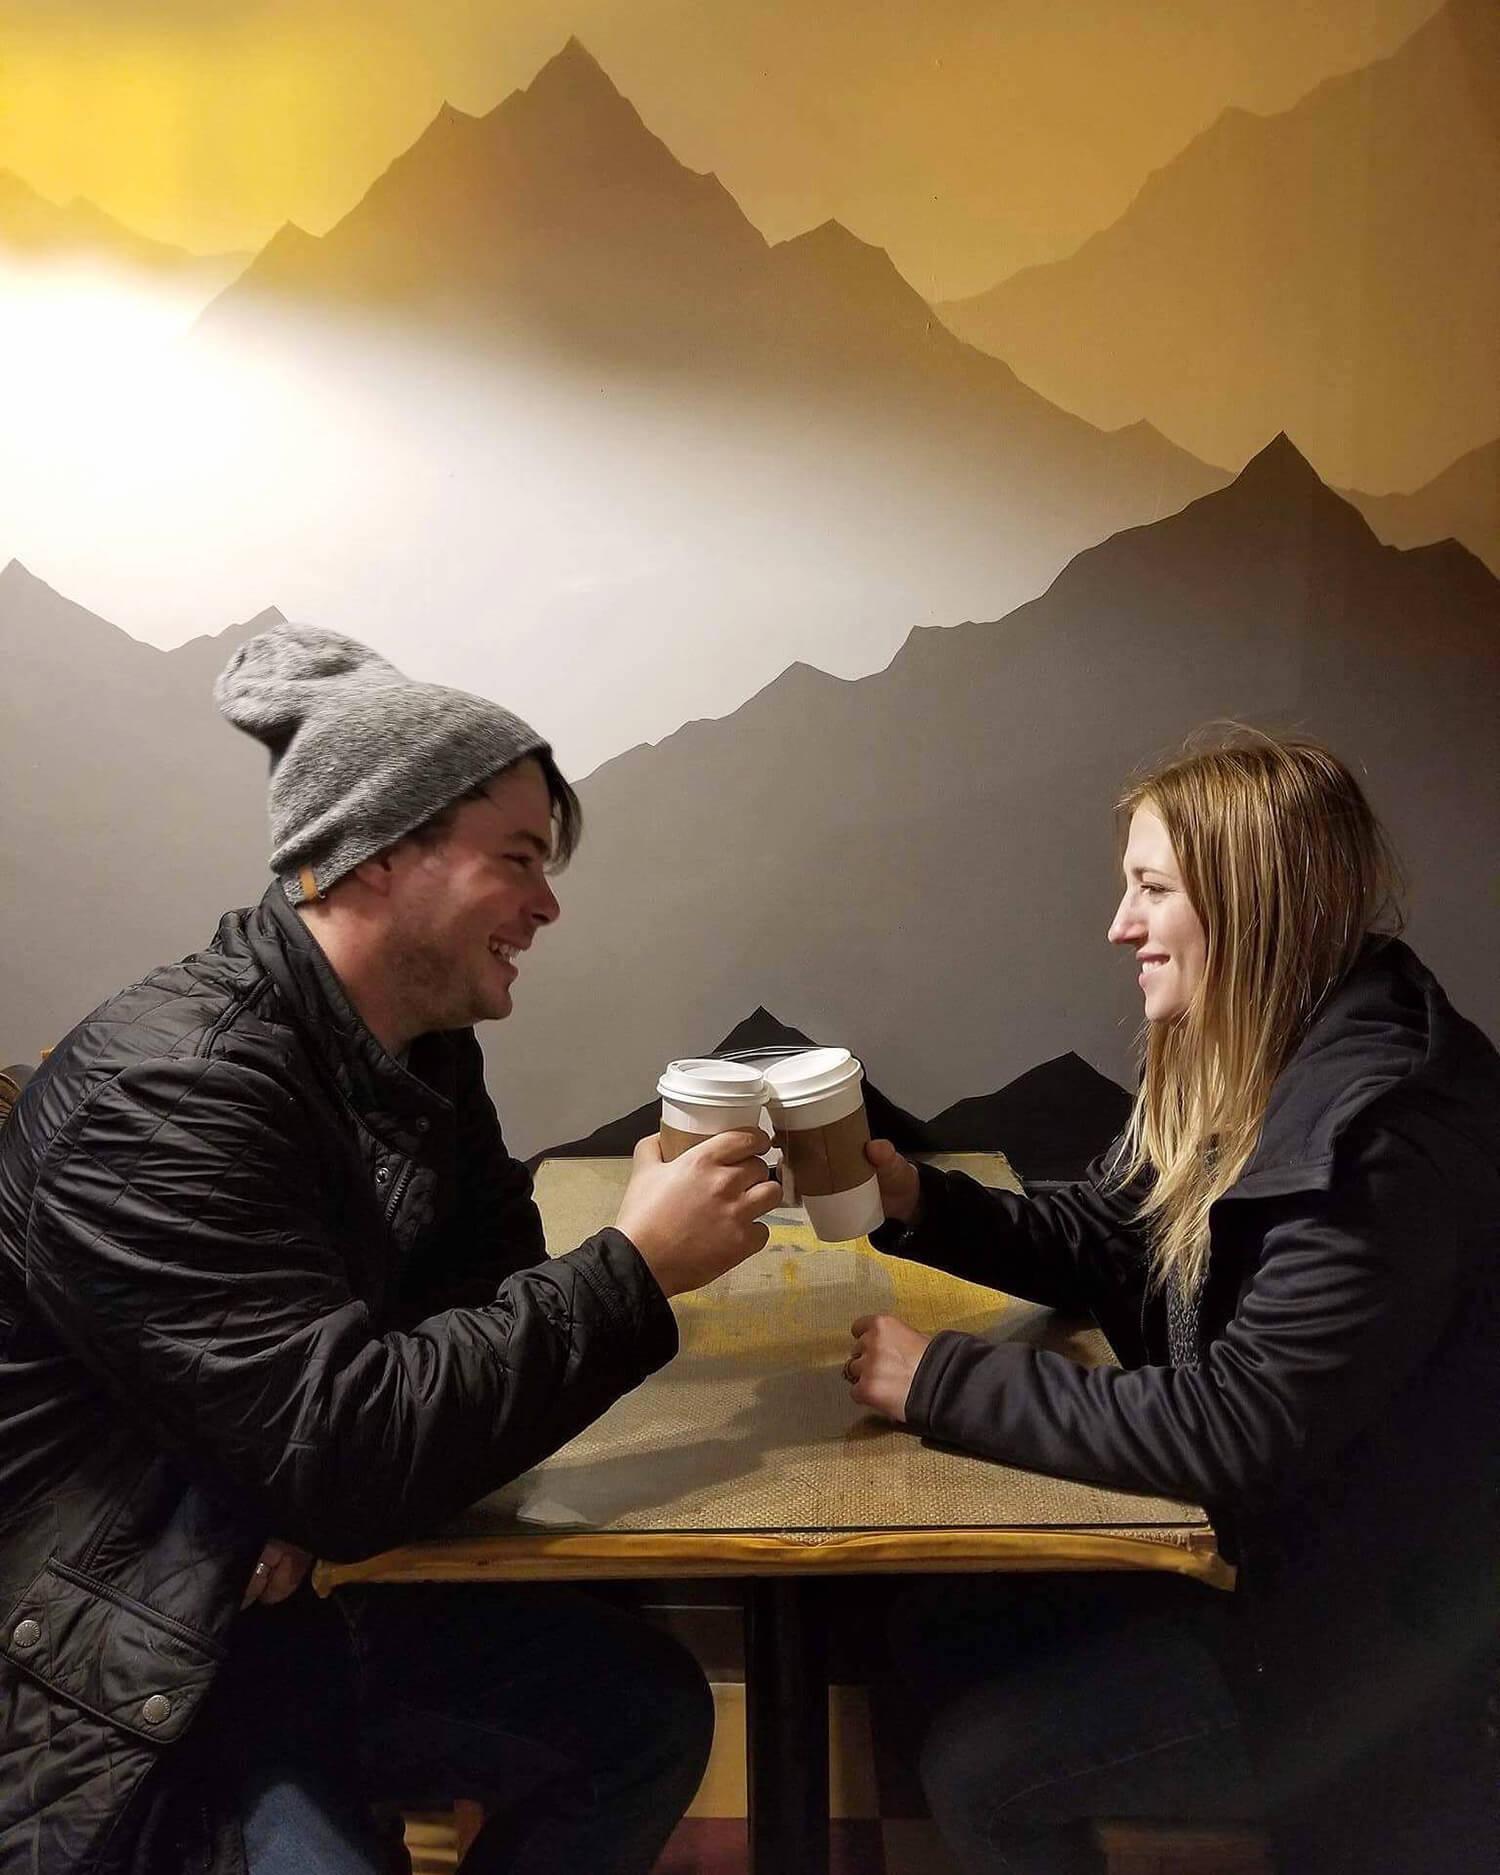 Instagrammable Walls of Medicine Hat - Explore Alberta